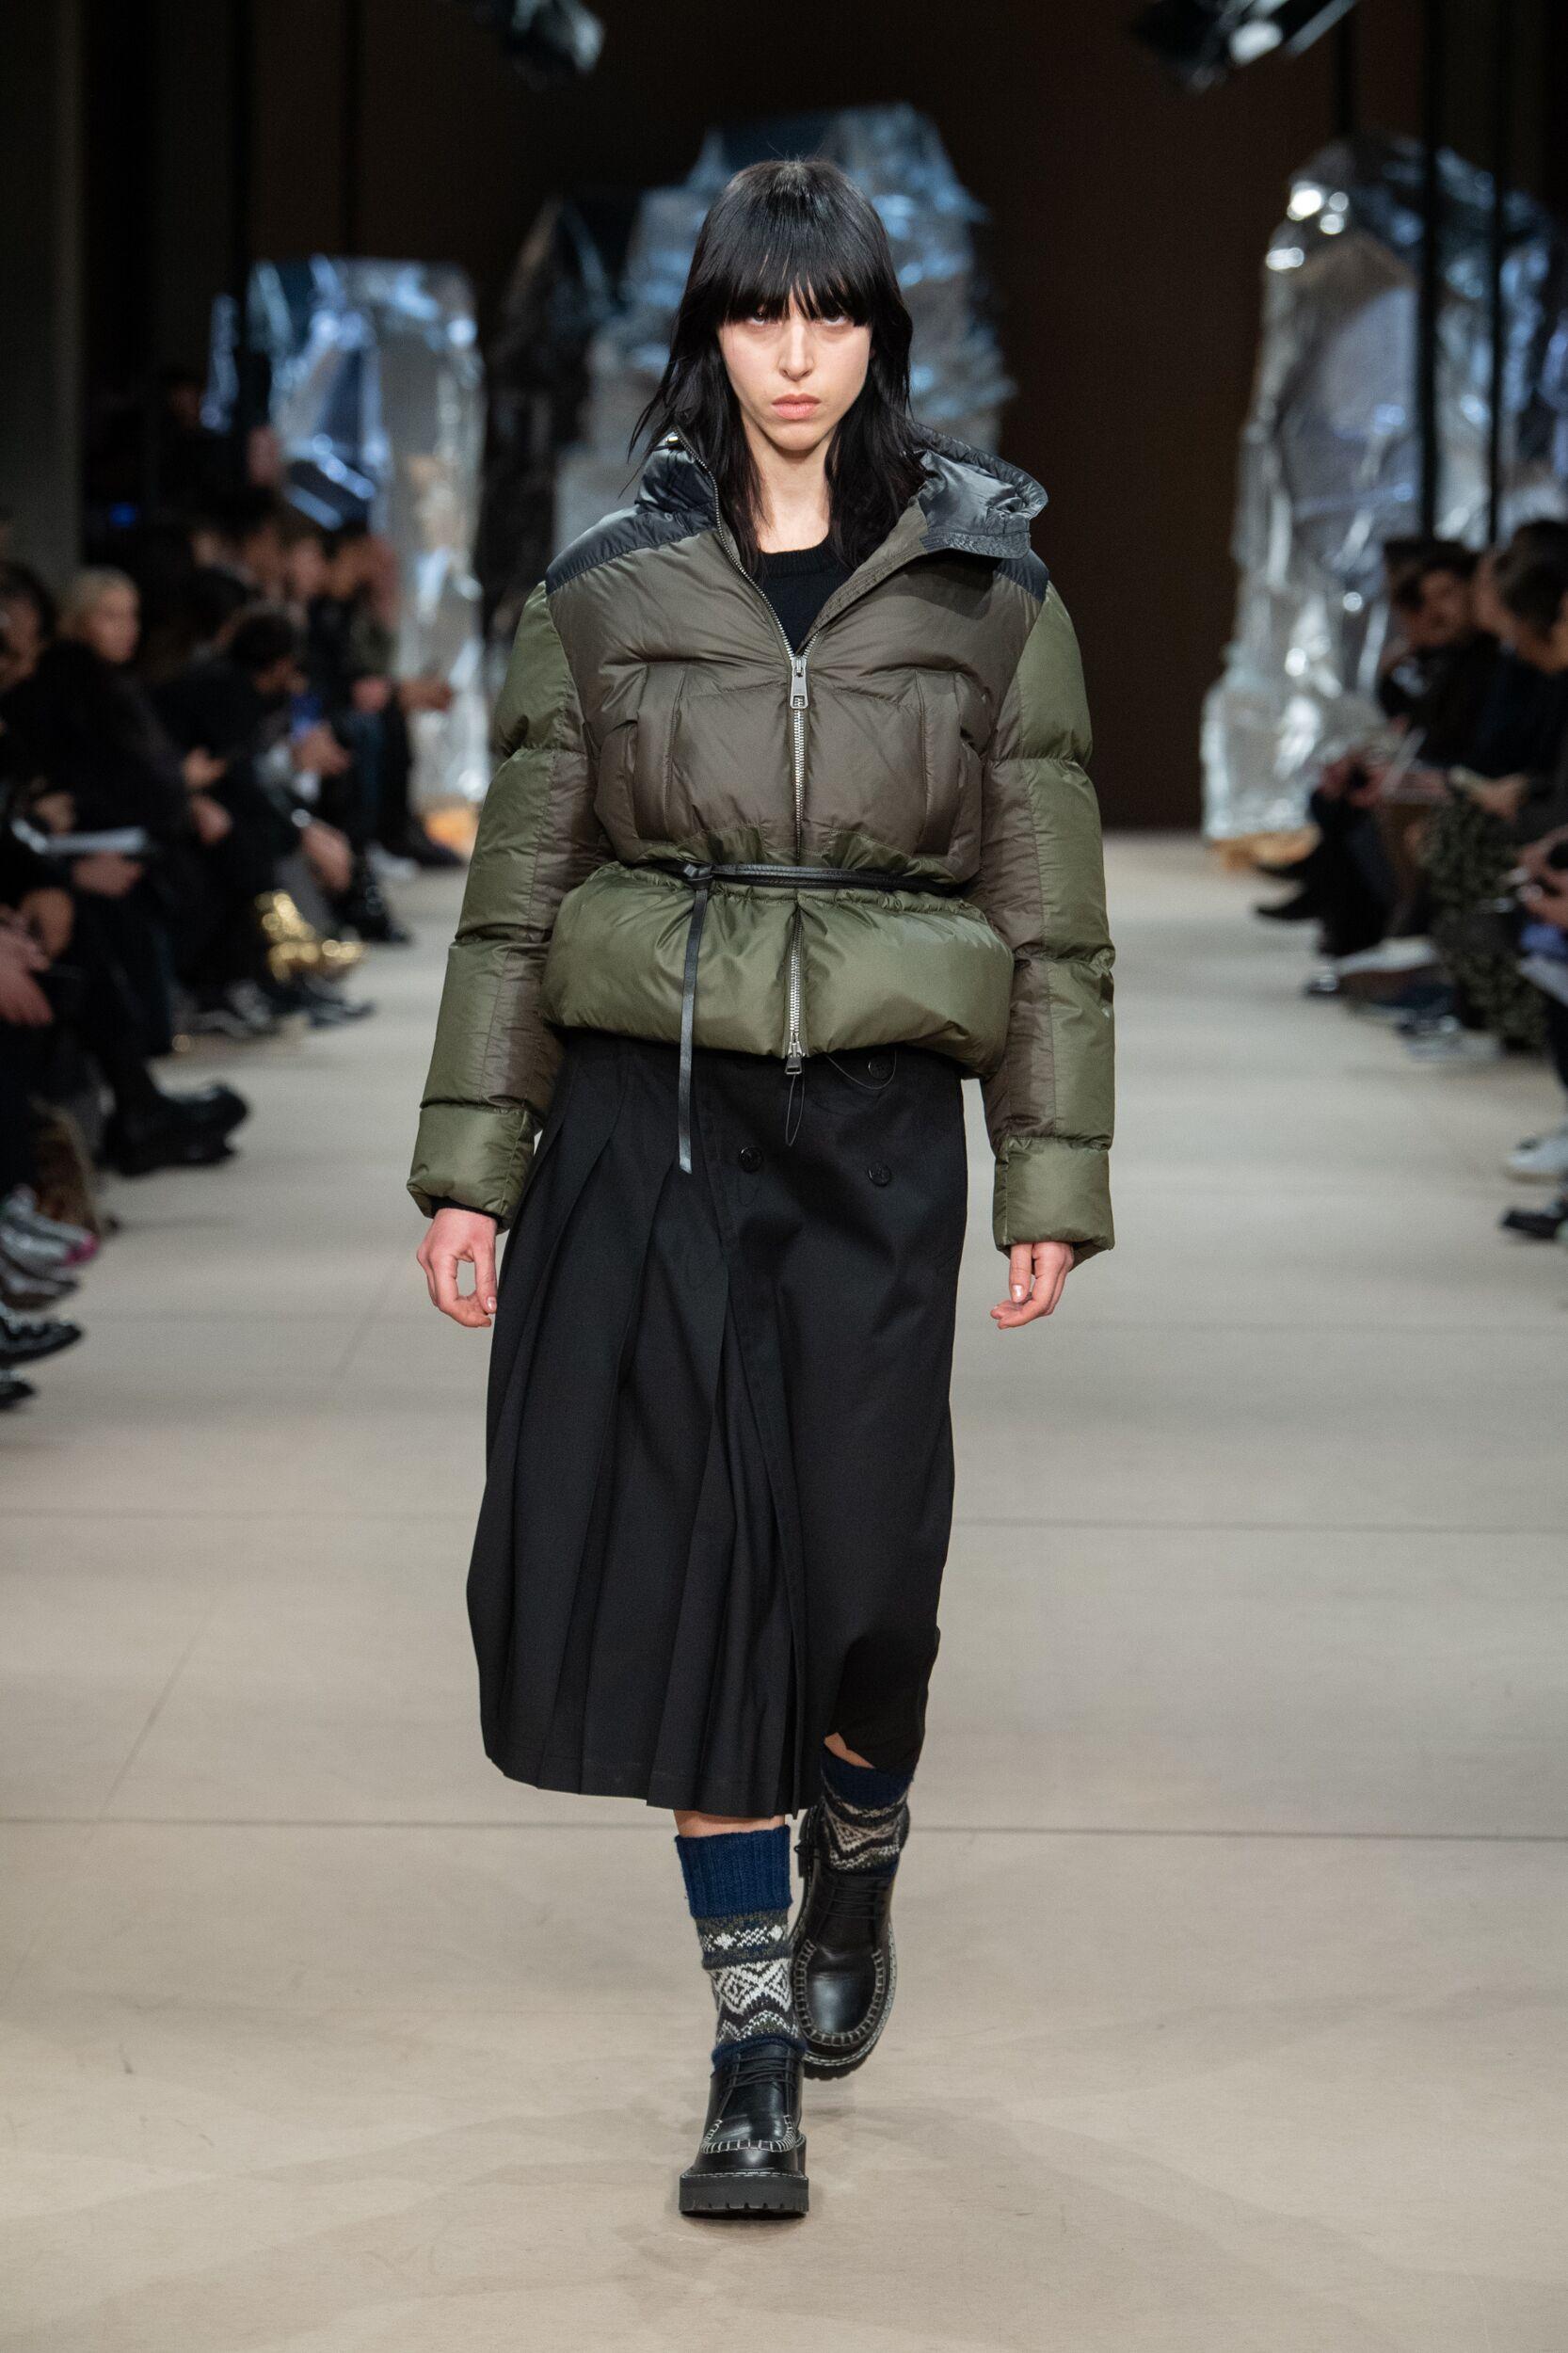 Fall Winter Fashion Trends 2020 Neil Barrett